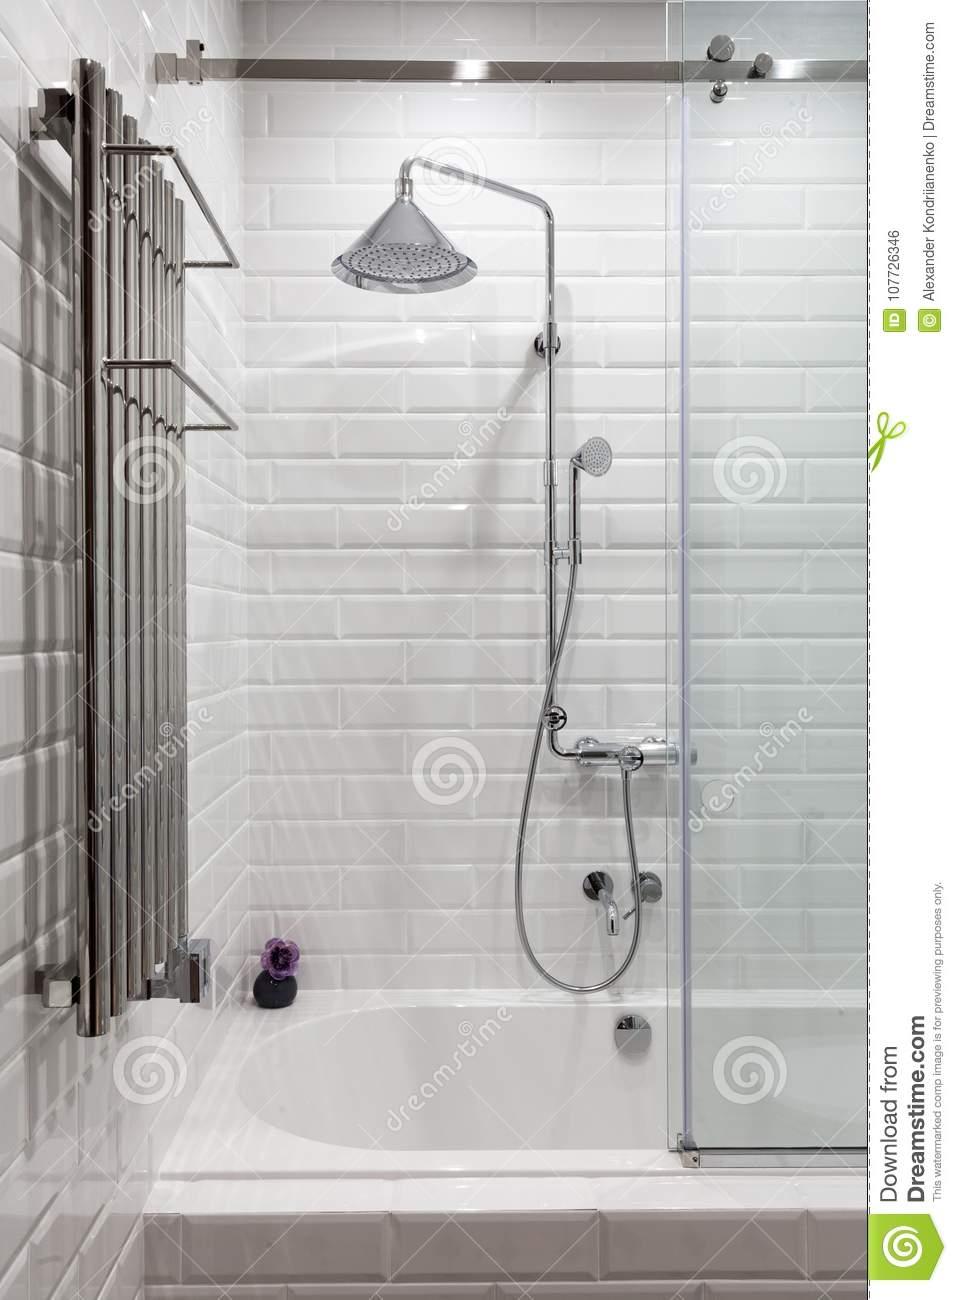 Full Size of Fliesen Für Dusche Helles Mit Neuen Chrome Einbauen Fliesenspiegel Küche Selber Machen Tapeten Holzfliesen Bad Renovieren Ohne Fürs Wohnzimmer Betten Dusche Fliesen Für Dusche